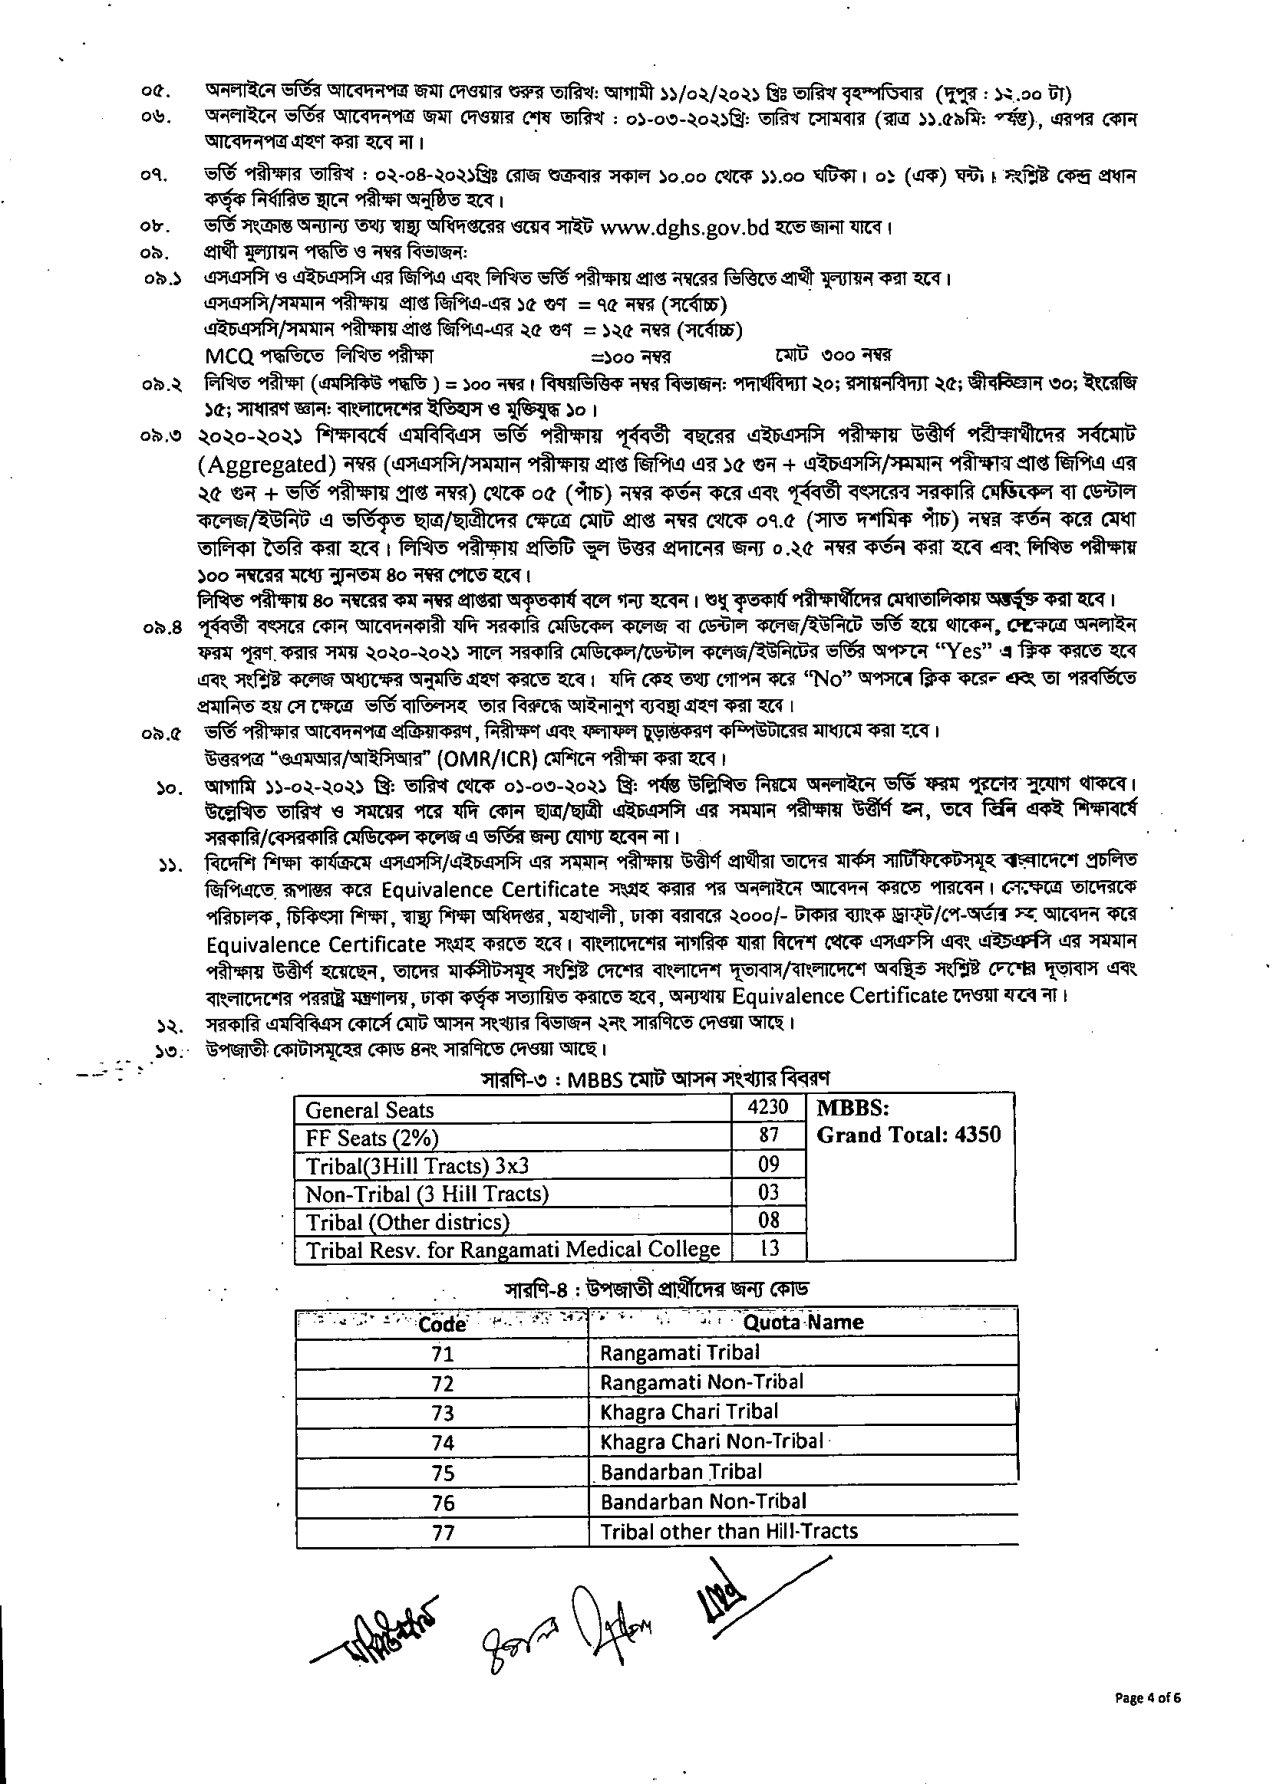 Medical (MBBS) admission circular 2020-21 | মেডিকেল ভর্তি সার্কুলার নীতিমালা ২০২০-২১